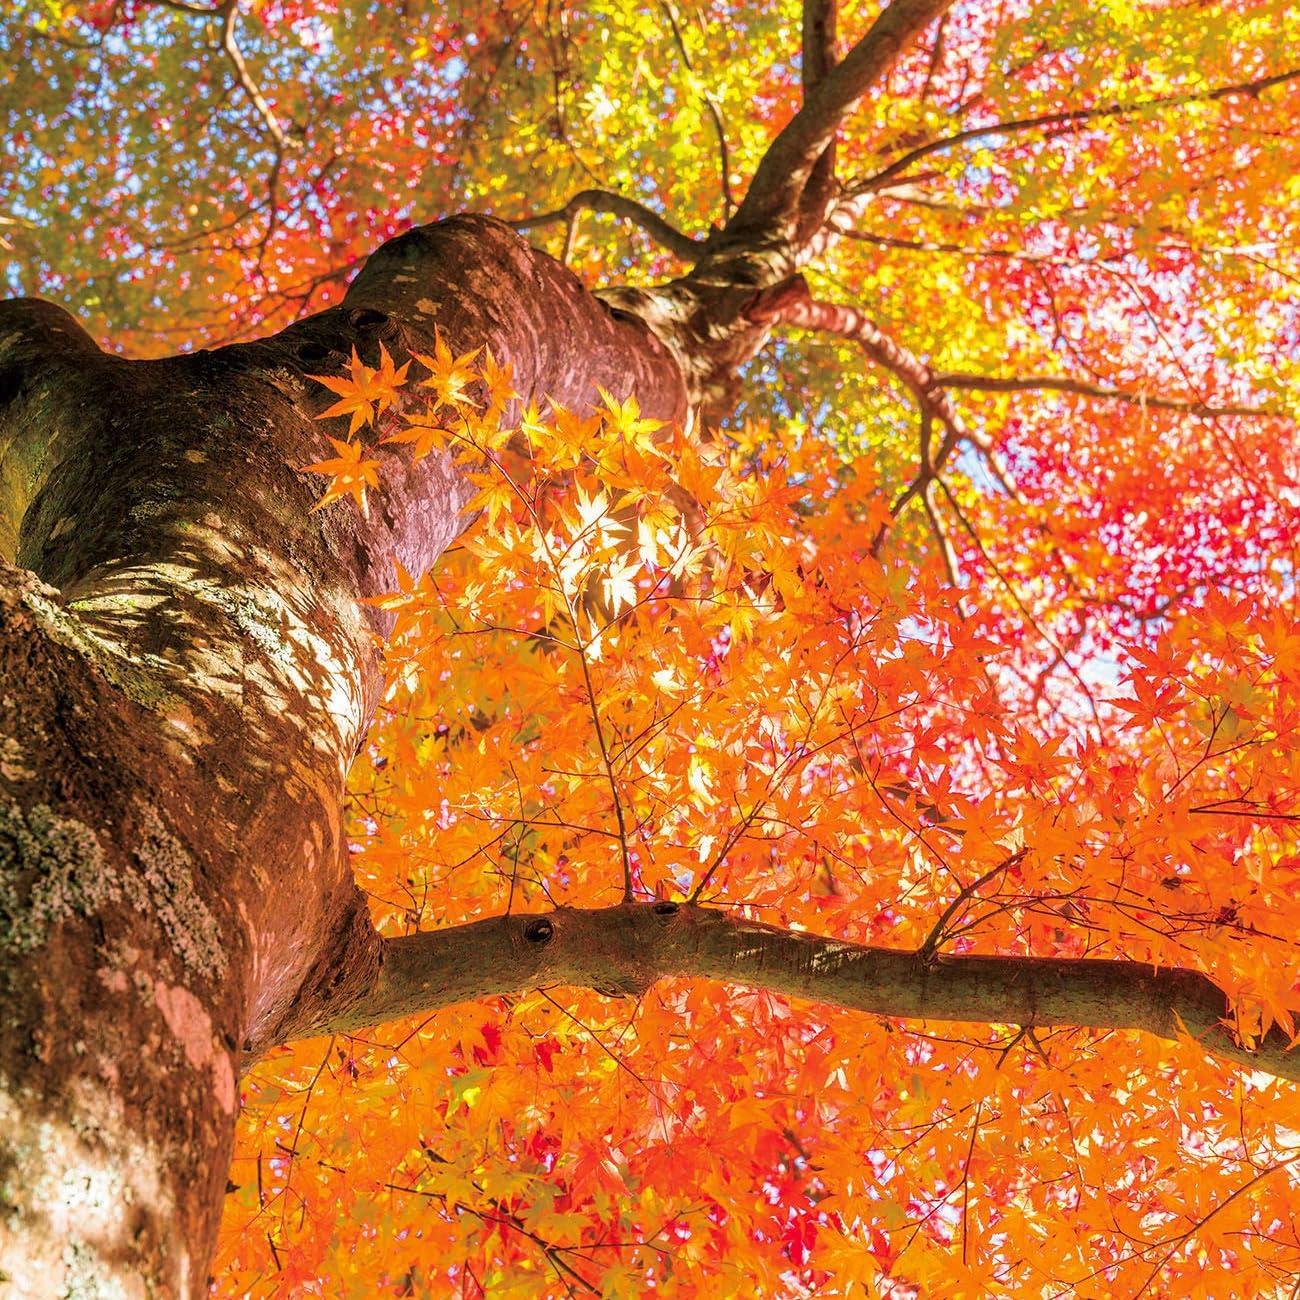 森 Ipad壁紙 モミジの鮮やかな変身 それは冬支度に向かう森の最後の